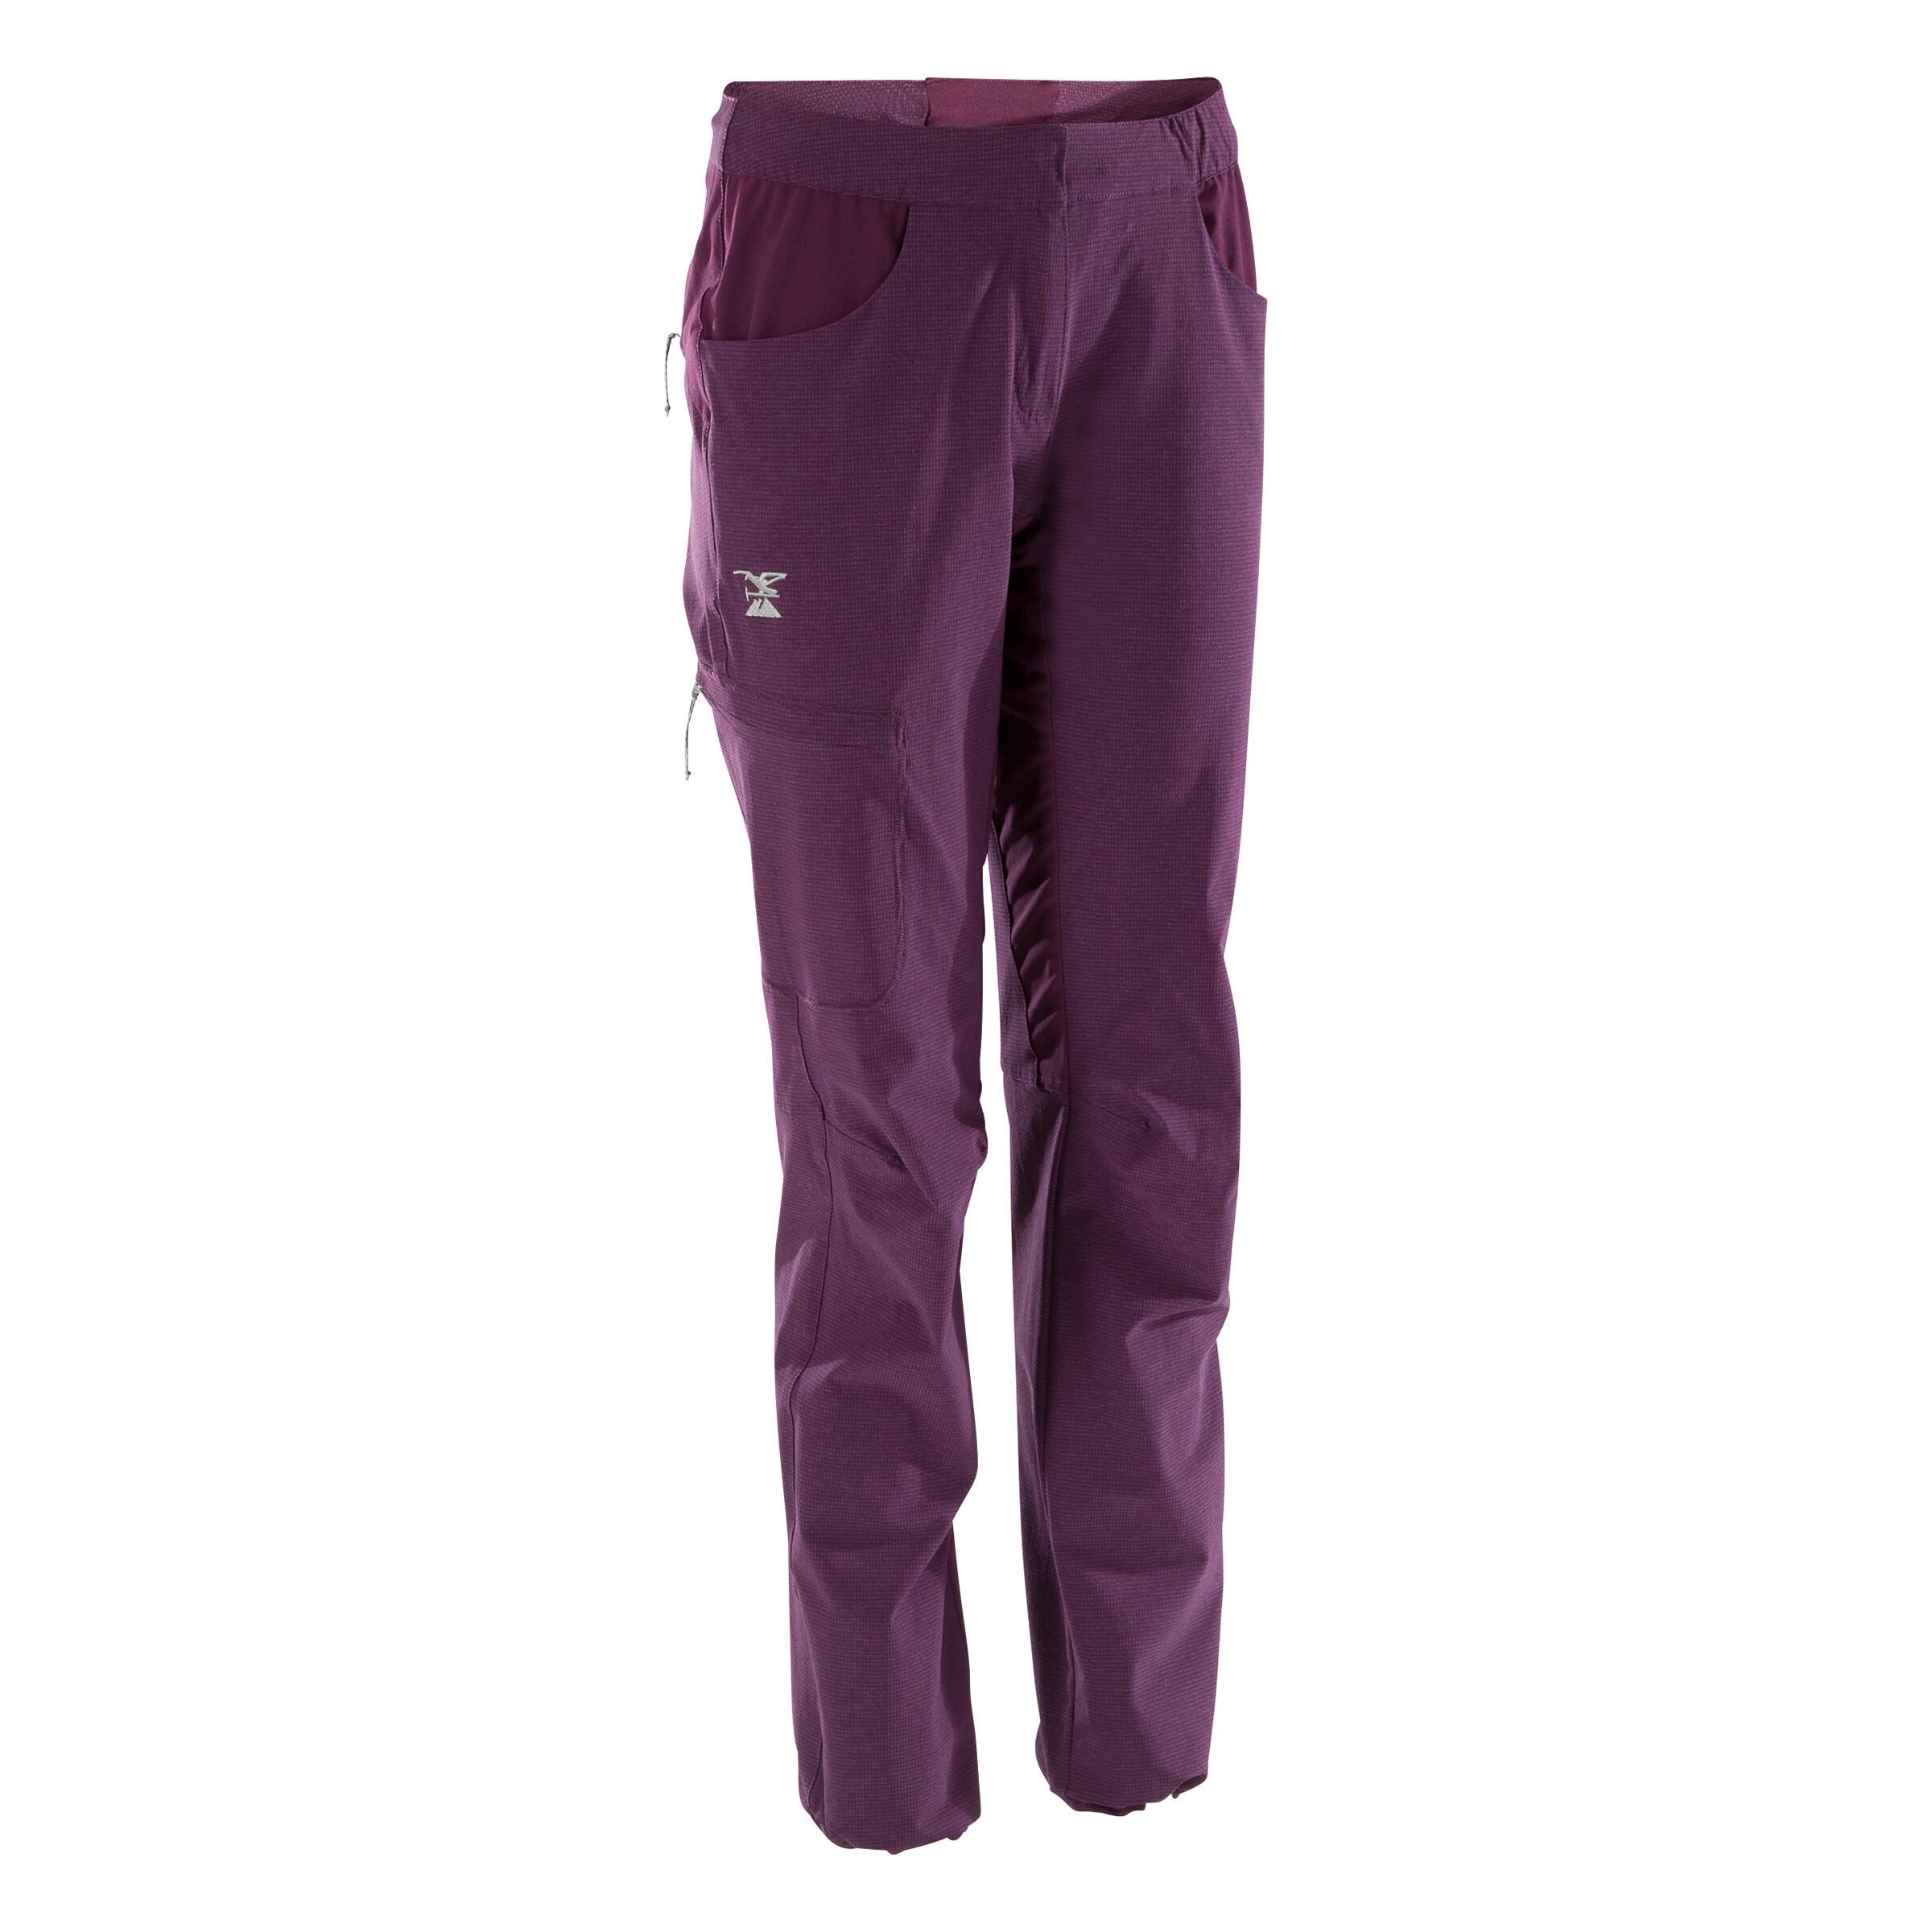 Pantalon stretch Escaladă Damă imagine